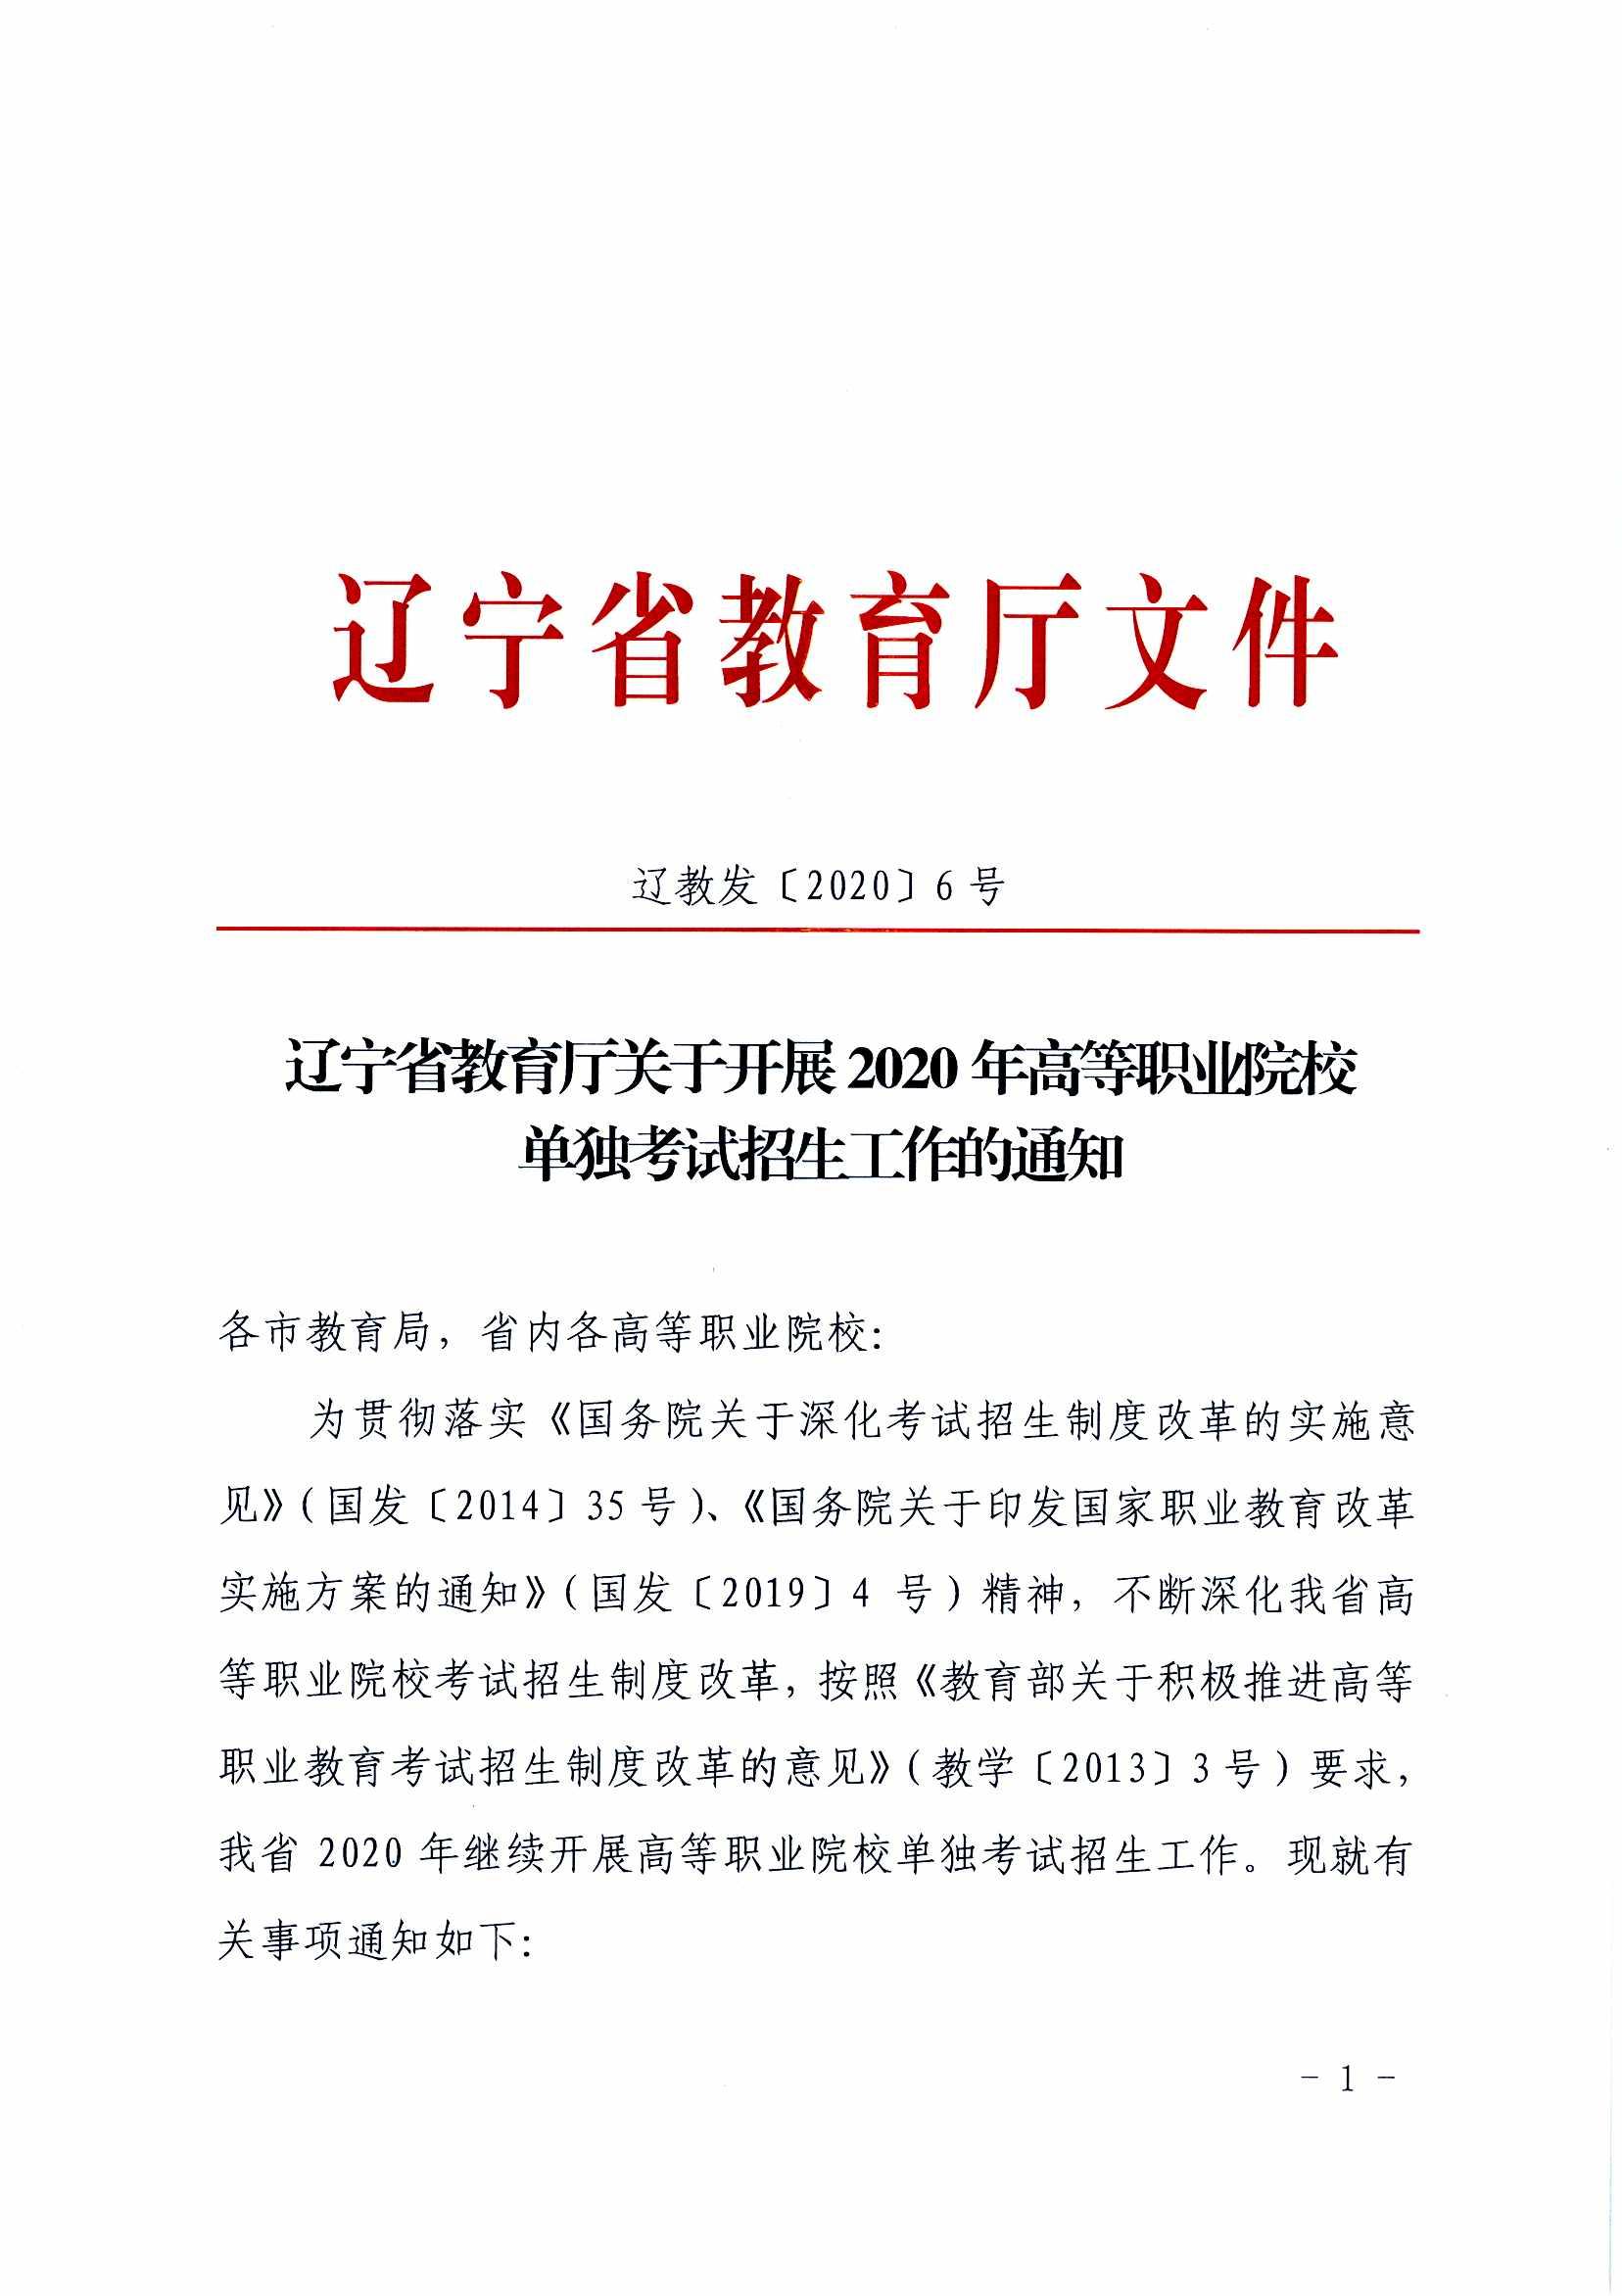 辽宁省教育厅关于开展2020年高等职业院校单独考试招生工作的......_页面_1